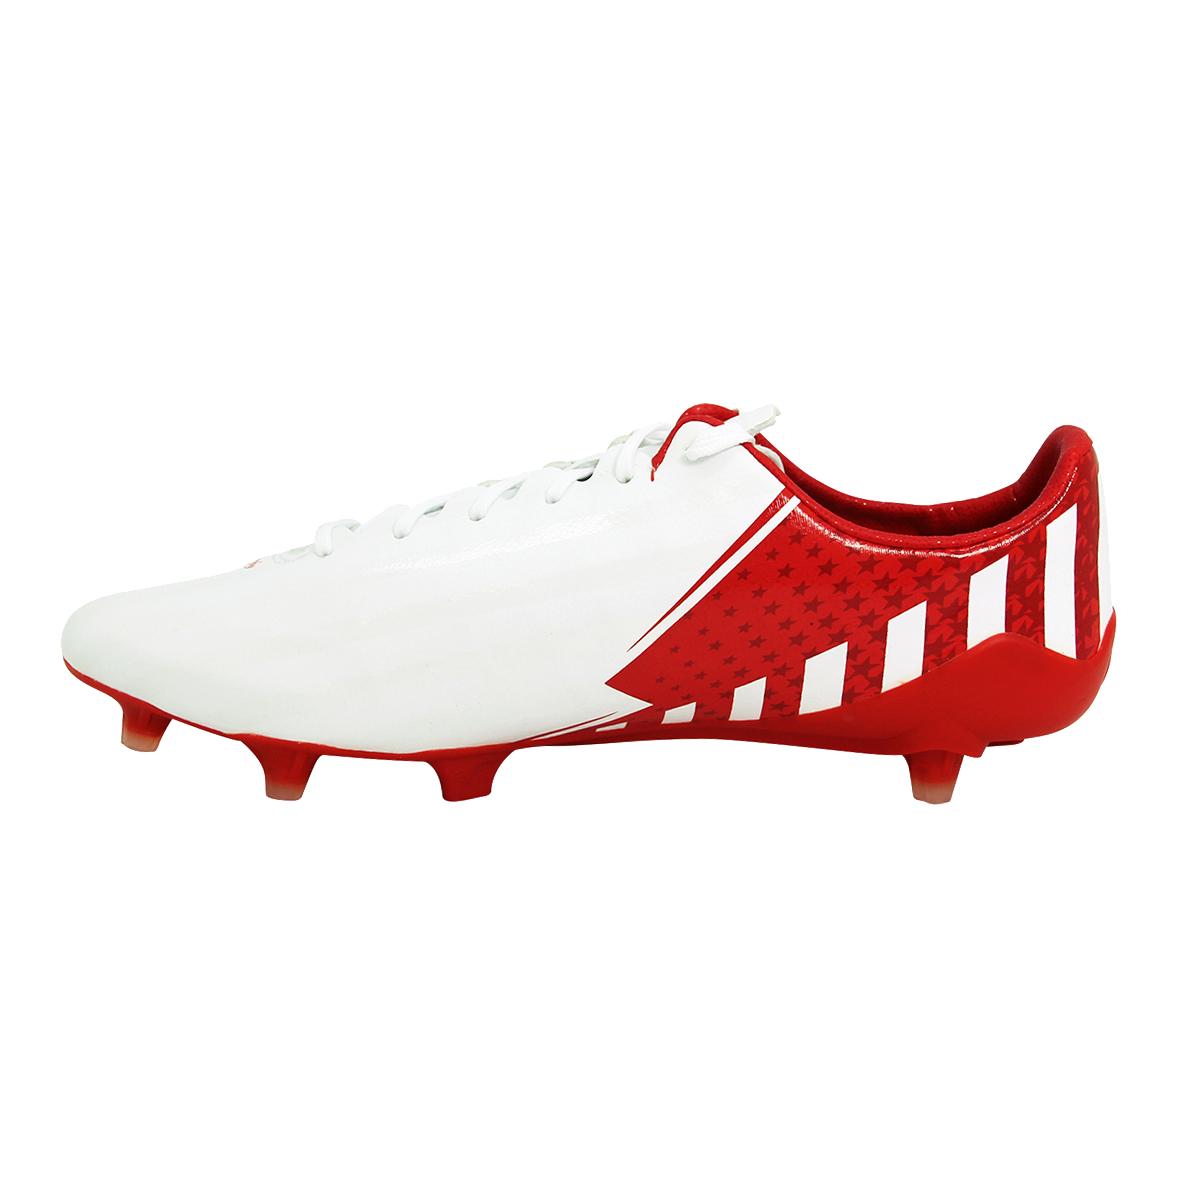 81d55de17e40 Sl Homme Evospeed Chaussures 17 De Puma Fg S Football Griezmann x4HS7Pw